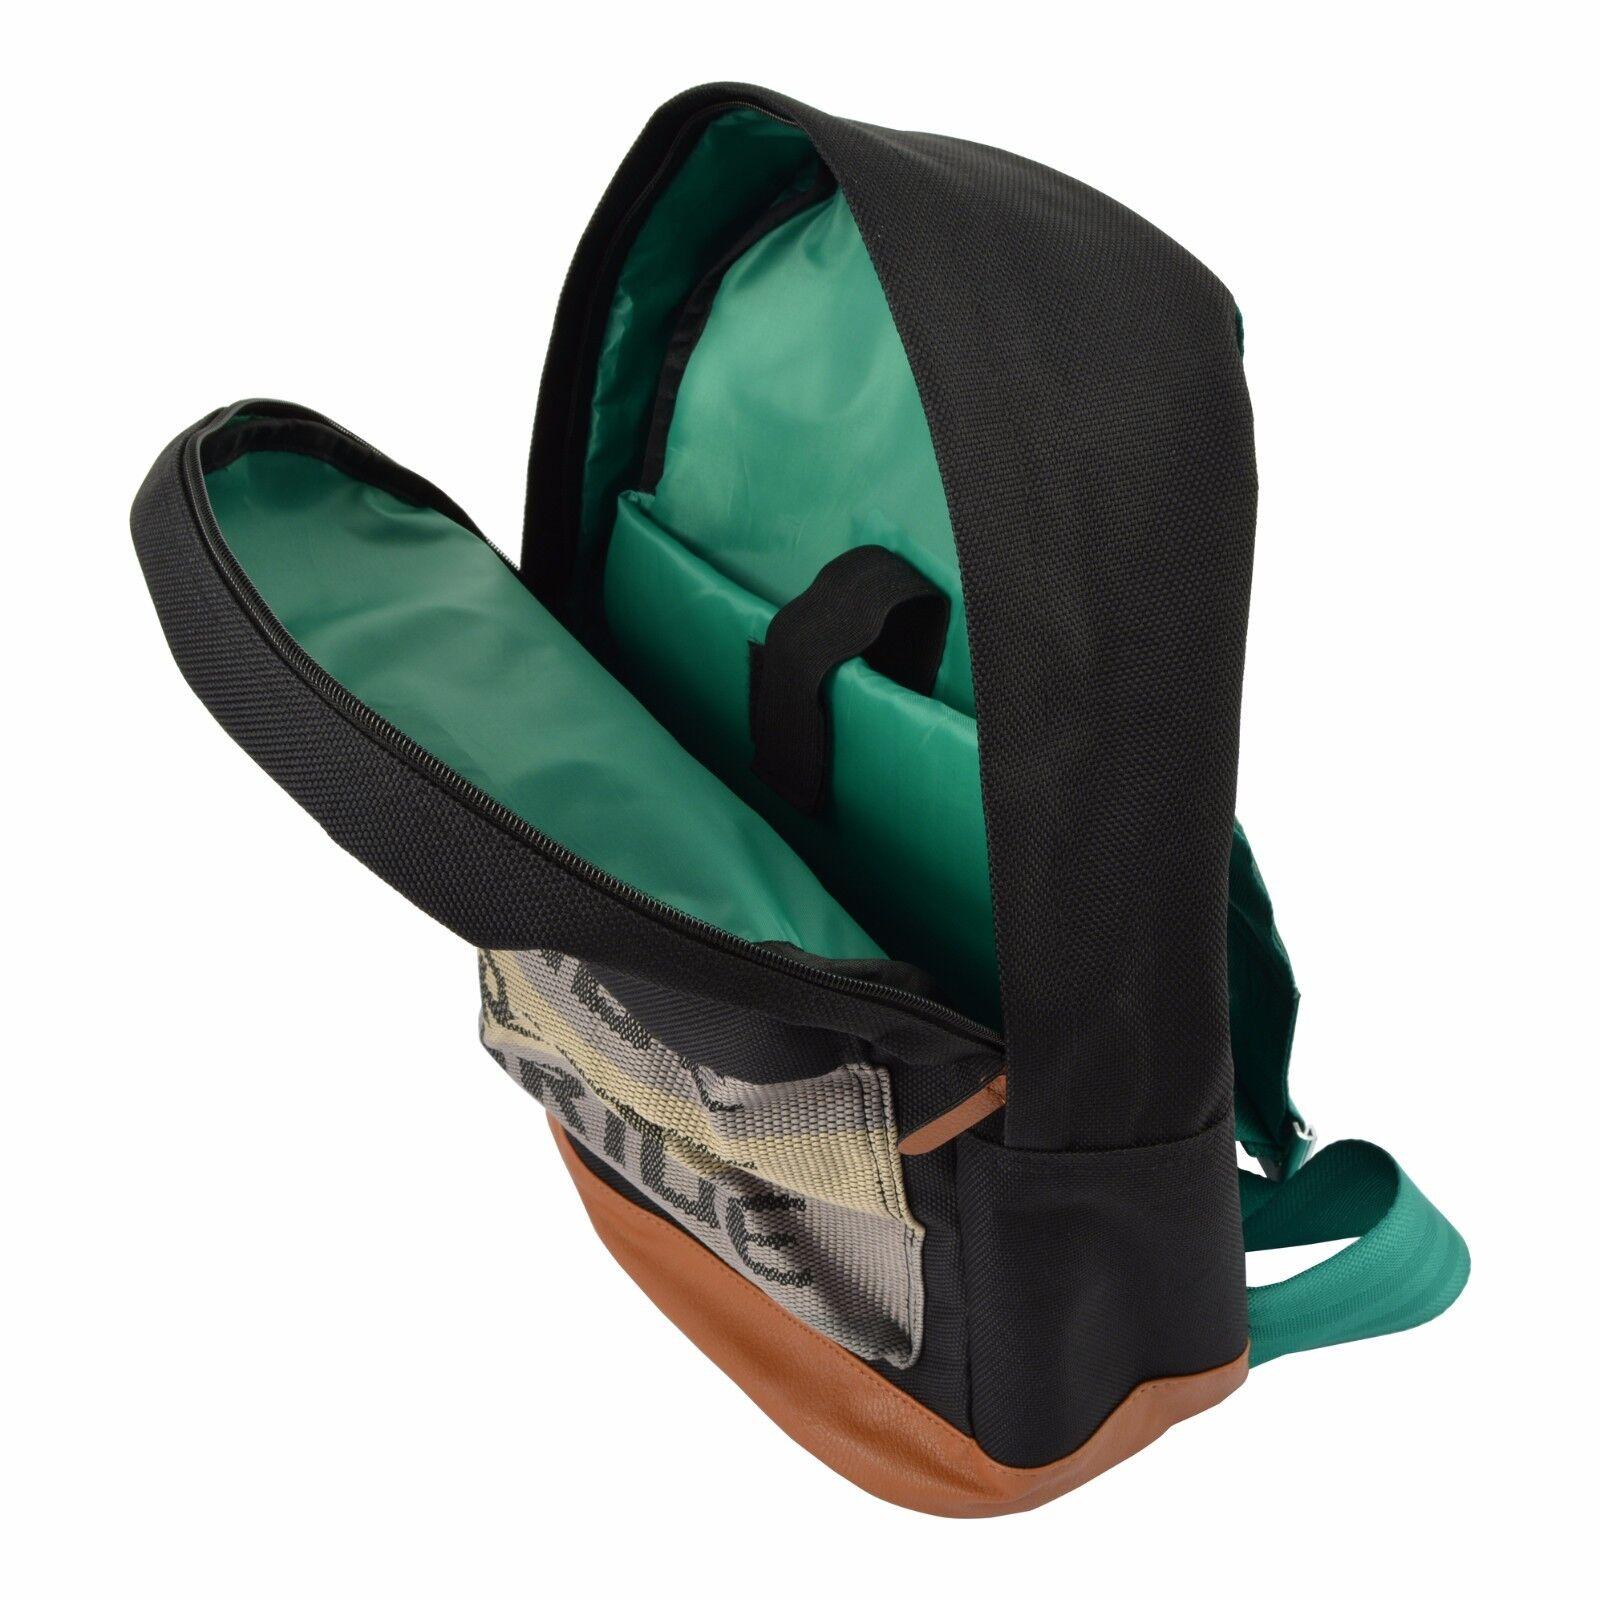 Bride backpack 2016 JDM best sold model with _57 bride backpack 2016 jdm best sold model with green racing harness